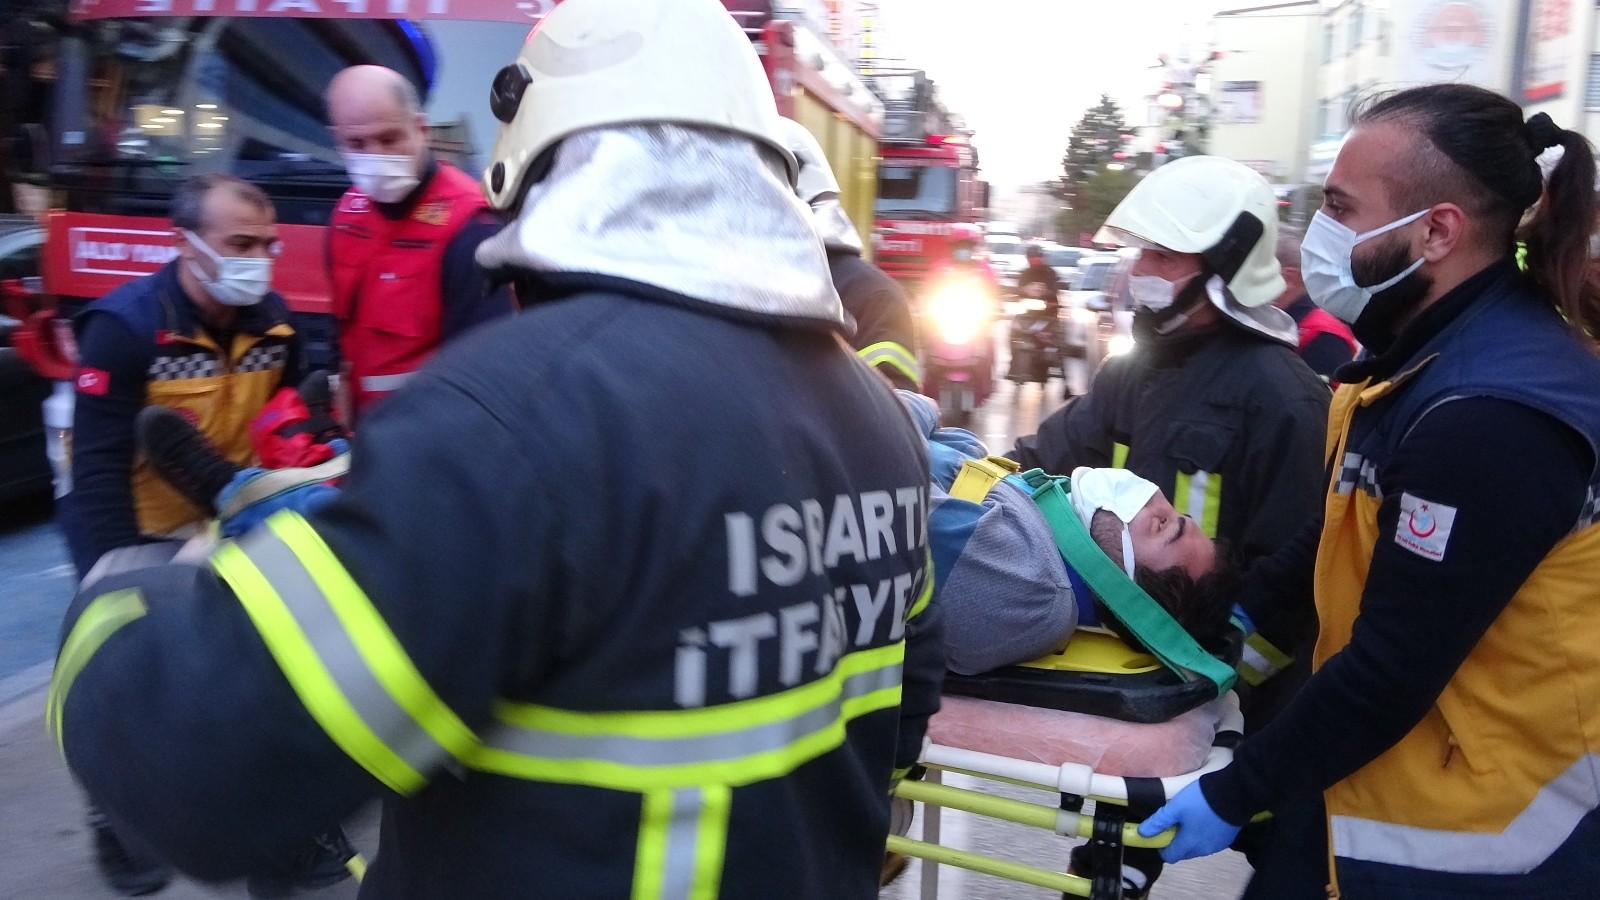 Isparta'da asansörü kazası: 2 yaralı